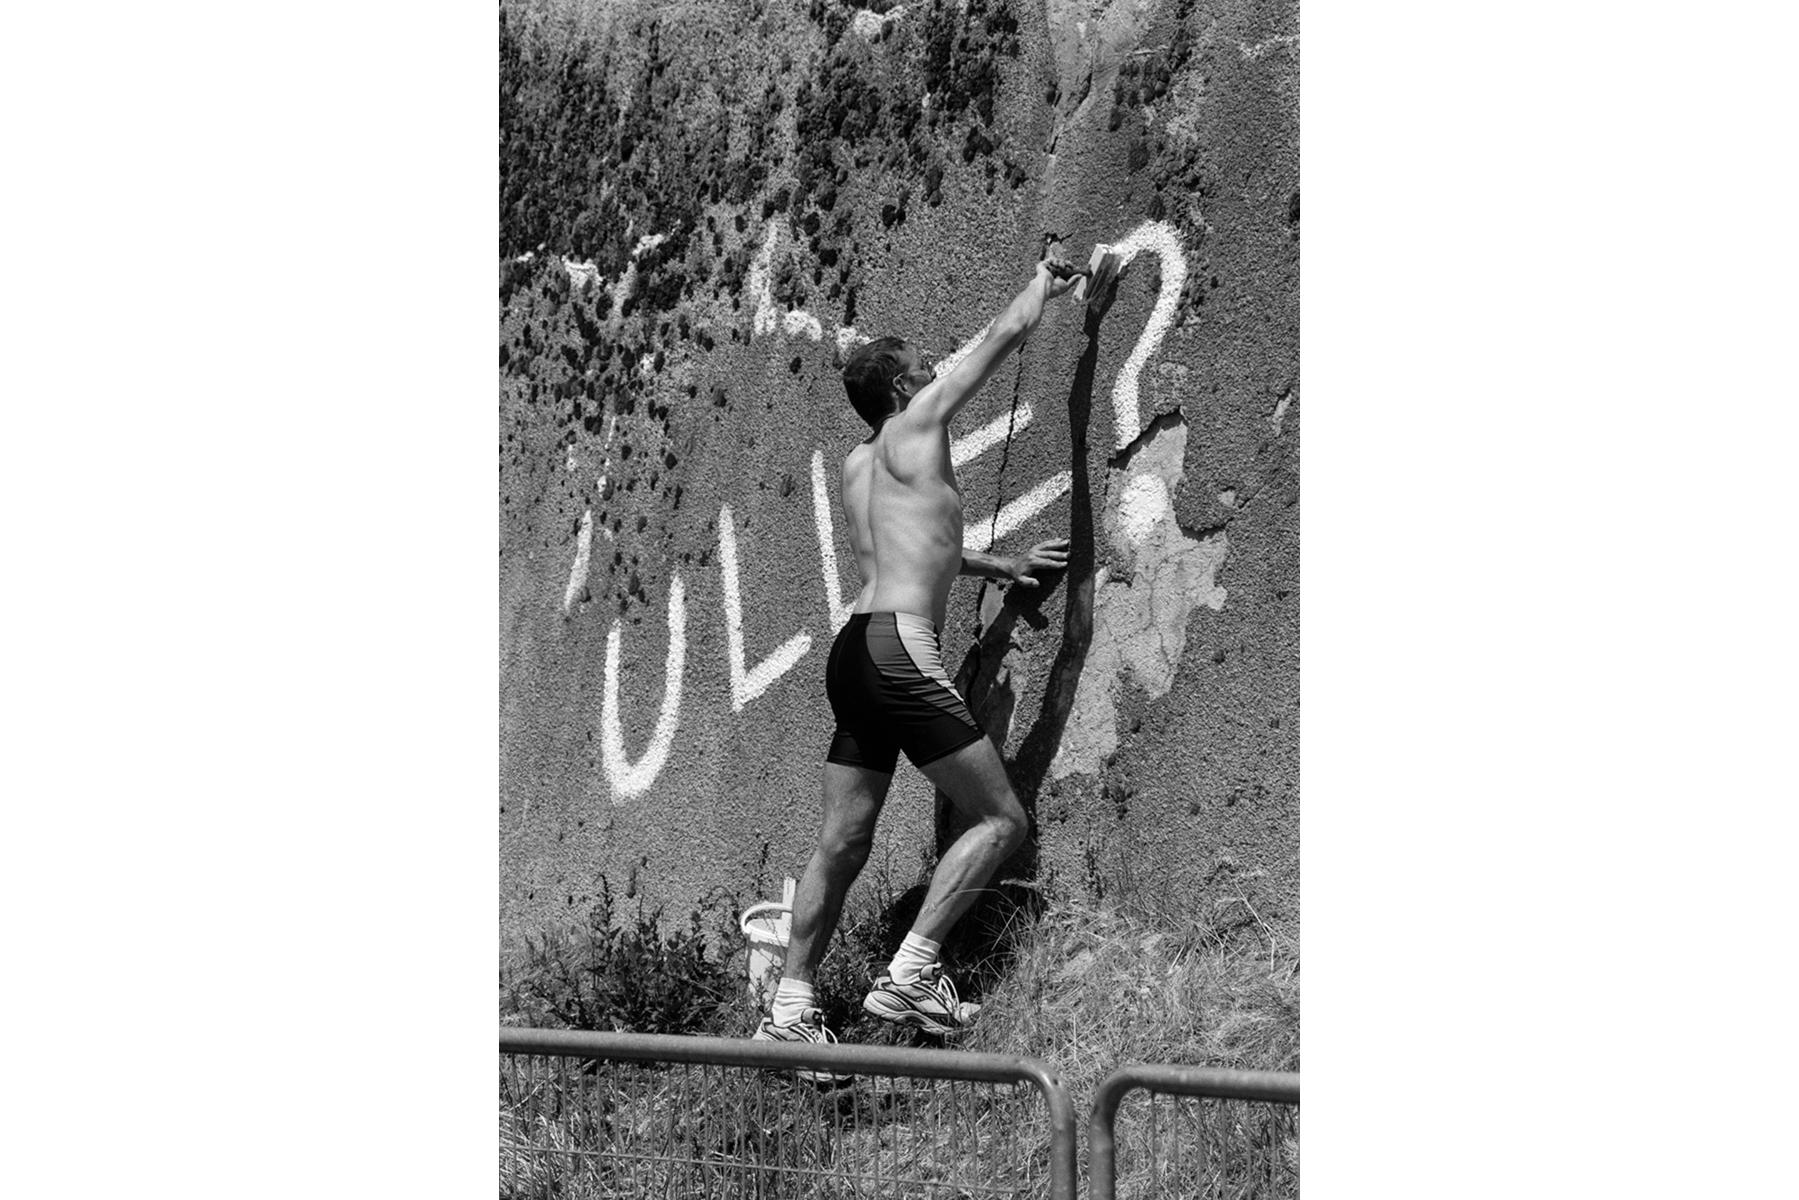 Tour de France 2006 Disappointed. A German fan along the course of 2006. On the morning of 30th June Jan Ullrich was banned from the Tour. Abasourdi. Un fan allemand sur le Tour de 2006. Dans la matinée du 30 Juin, Jan Ullrich a été exclu du Tour. Fassungslos. Ein deutscher Fan am Streckenrand 2006. Am Morgen des 30. Juni wurde Jan Ullrich von der Tour ausgeschlossen. Desconcertado. Un fan alemán durante el Tour de 2006. En la mañana del 30 de junio ha sido descalificado Jan Ullrich de la competición.